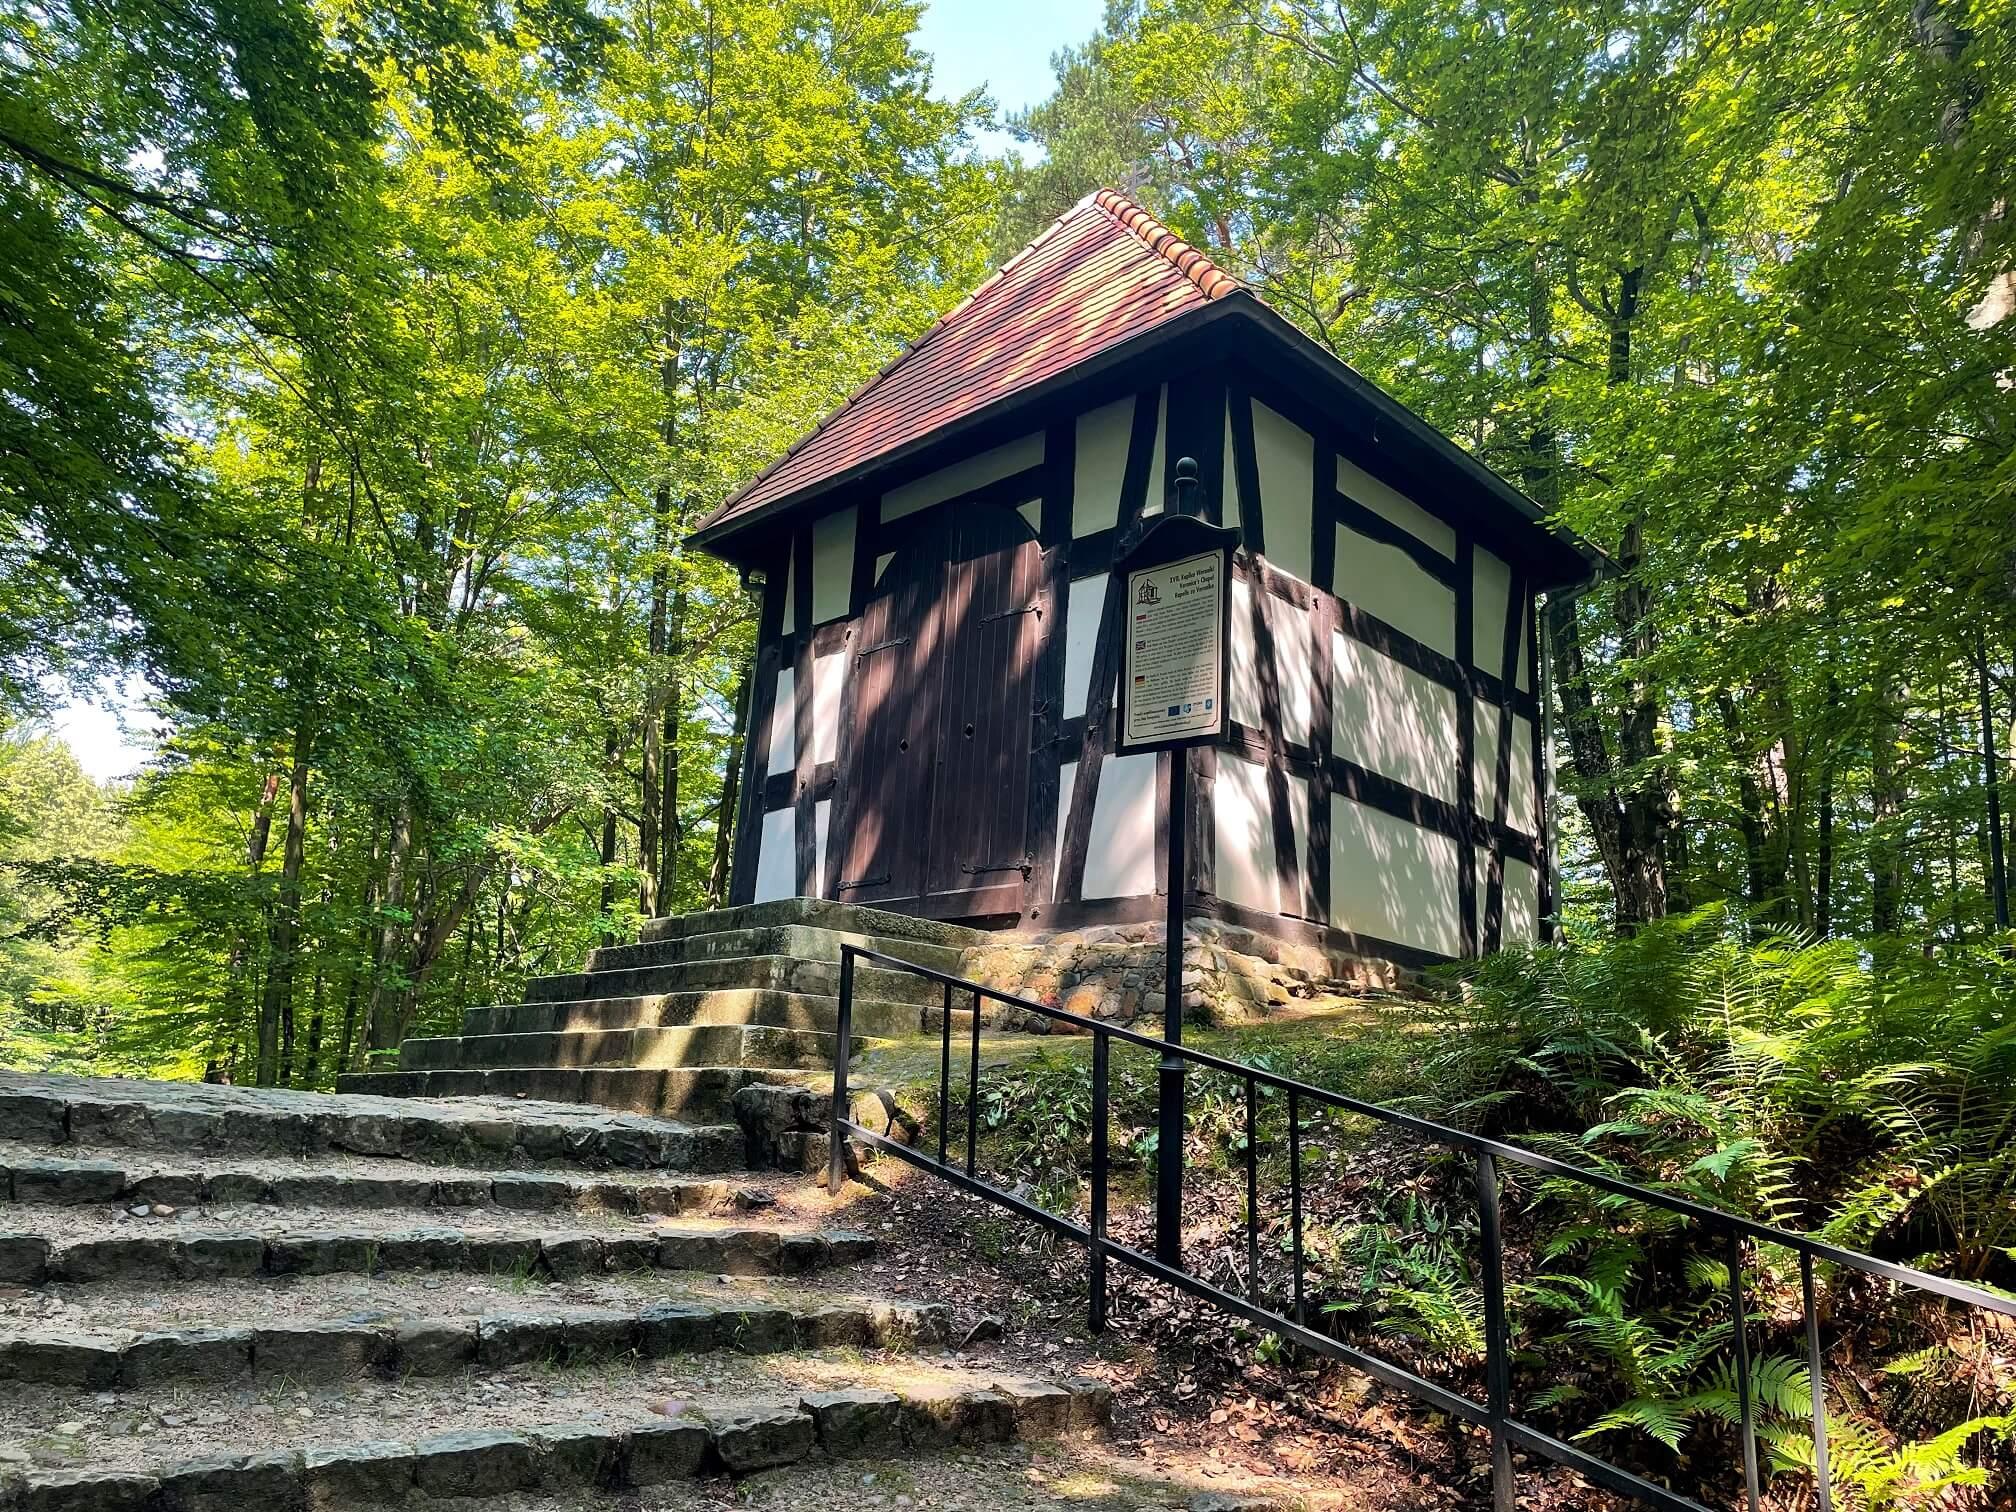 Wejherowo 17 - Wejherowo, zaczarowany las i okolice